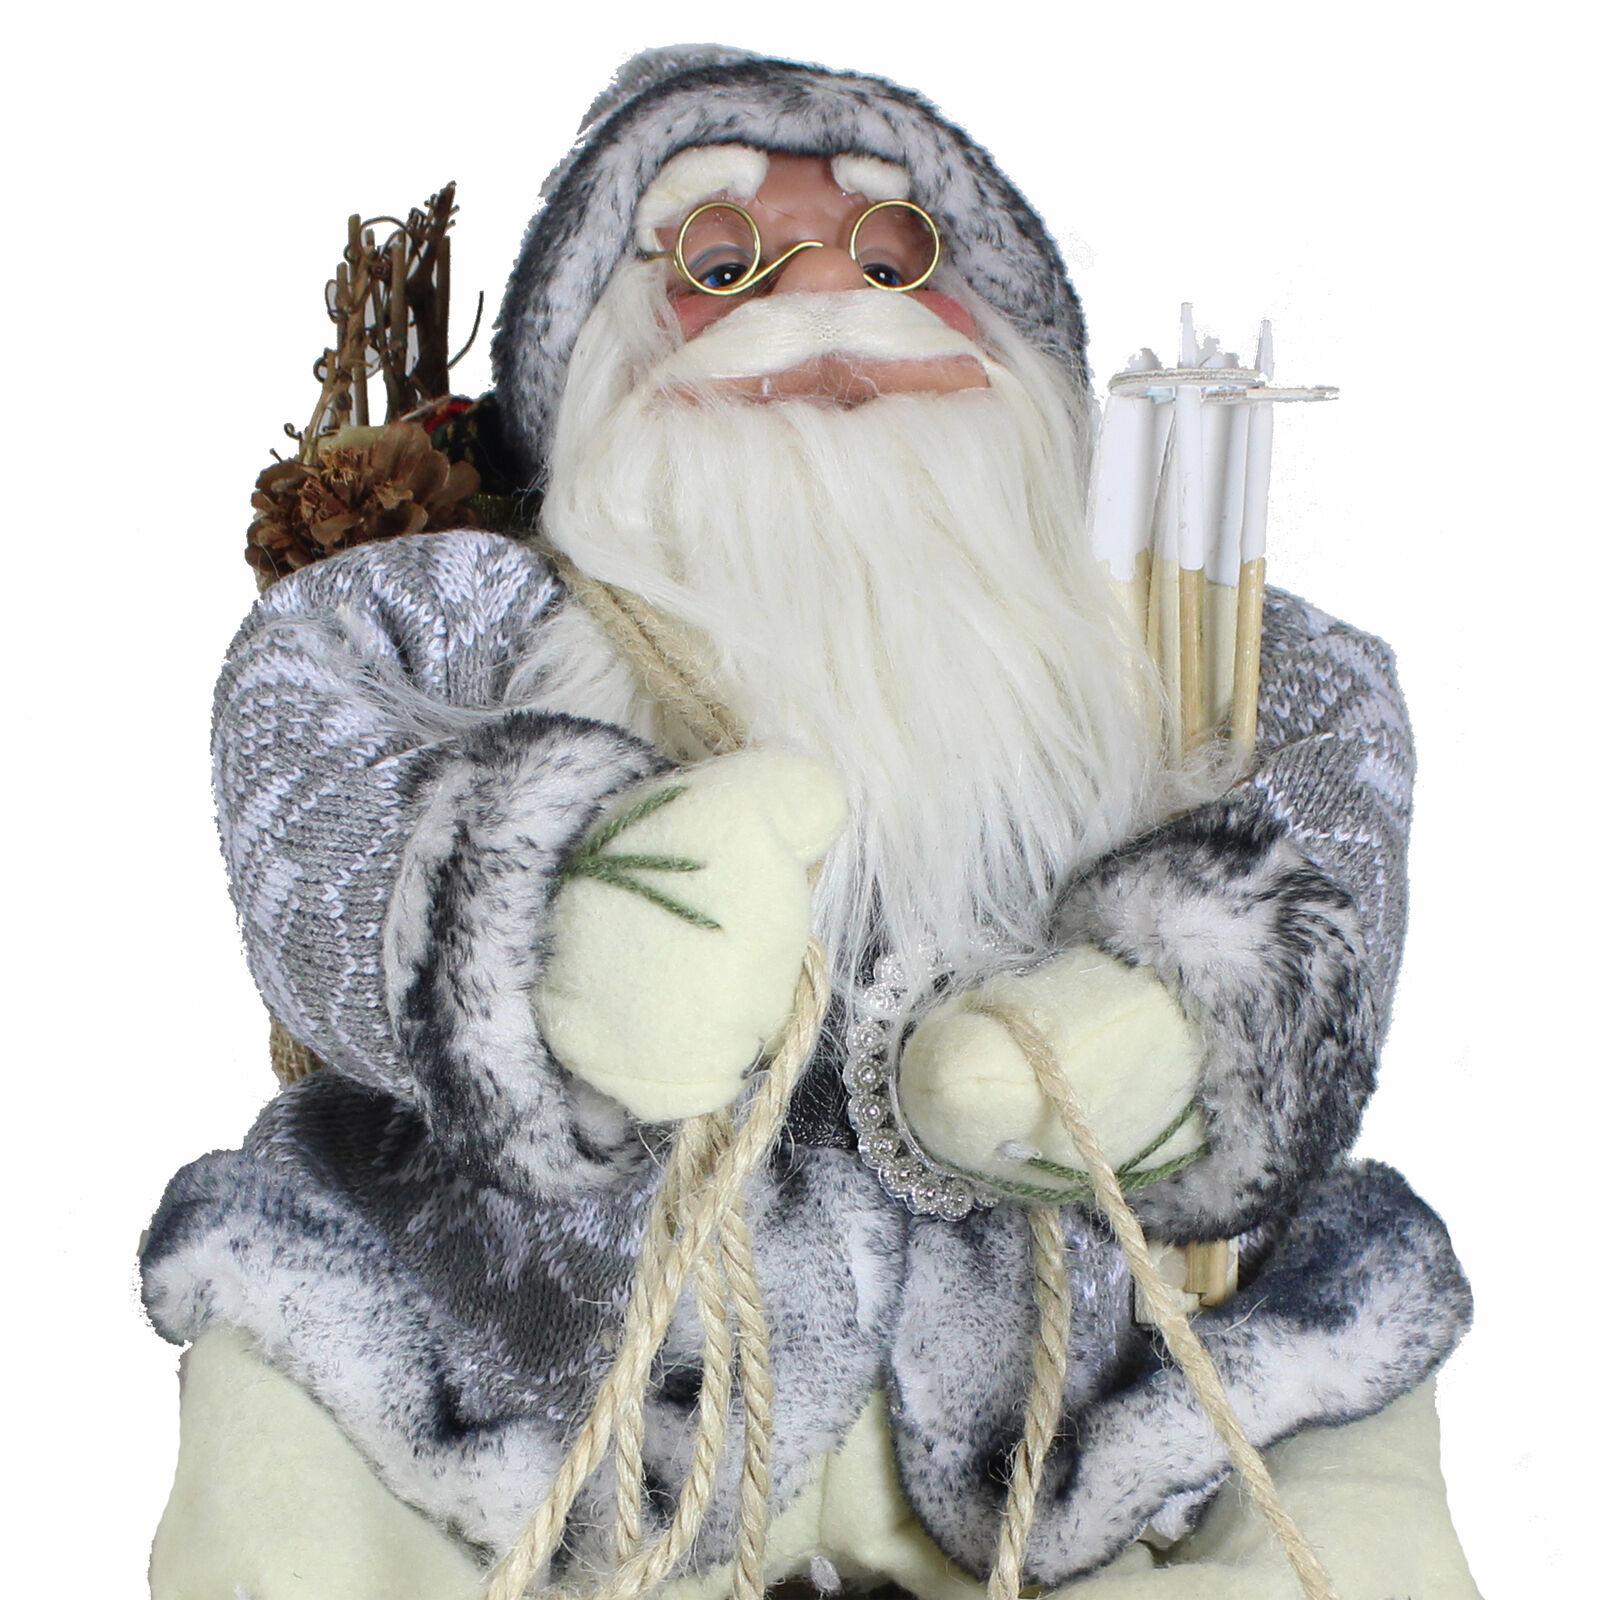 Decorazione di Natale 40cm Seduto Seduto Seduto Babbo su un Slitta - Grigio e Panna a87297